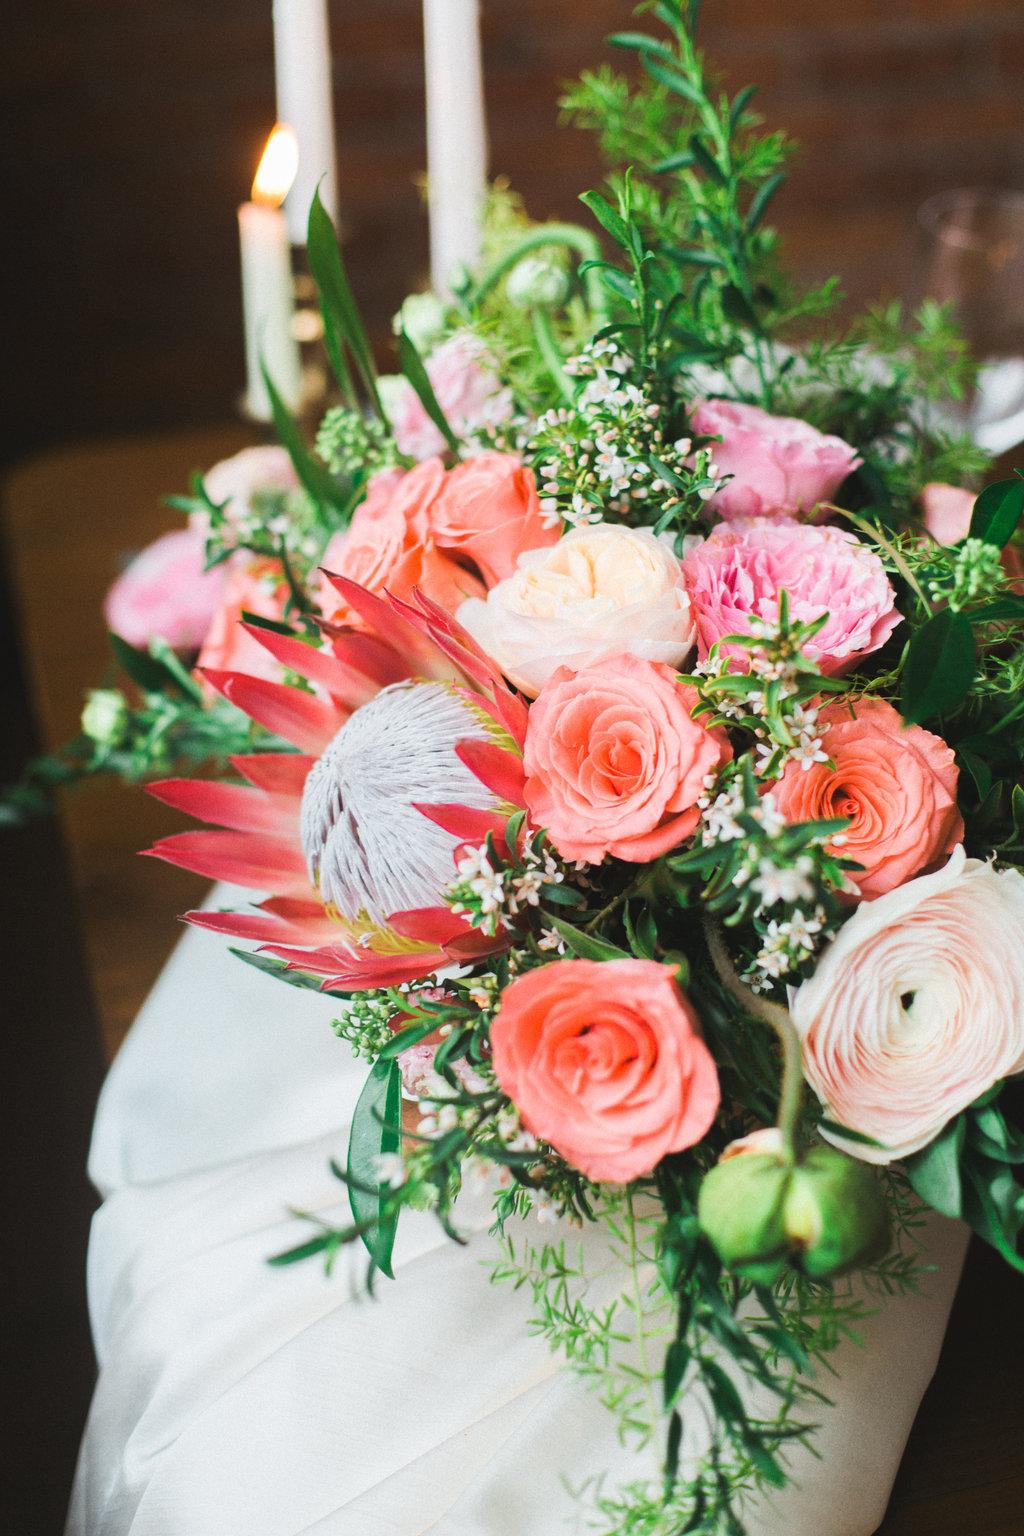 protea coral wedding centerpiece - spunkysapphire.com